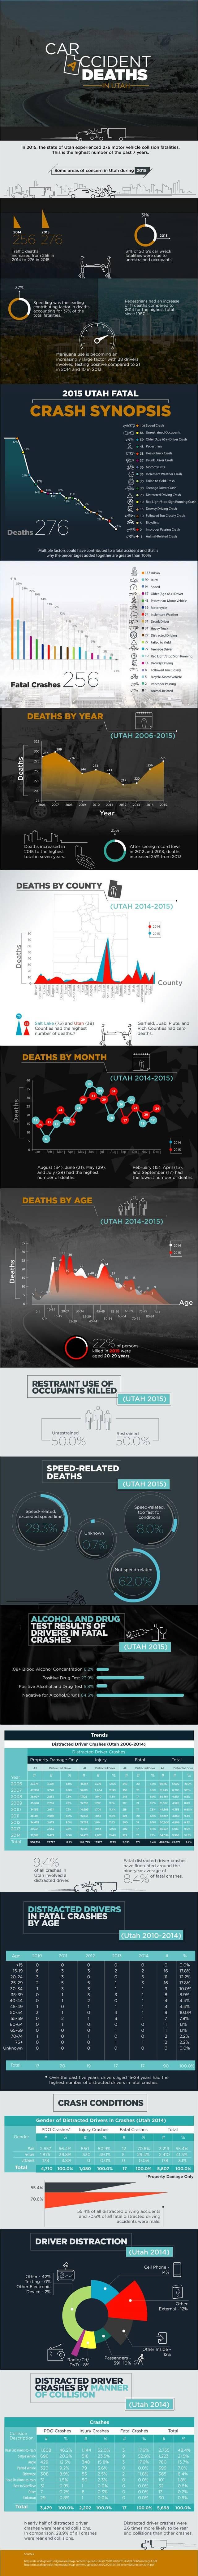 Utah car accident infographic